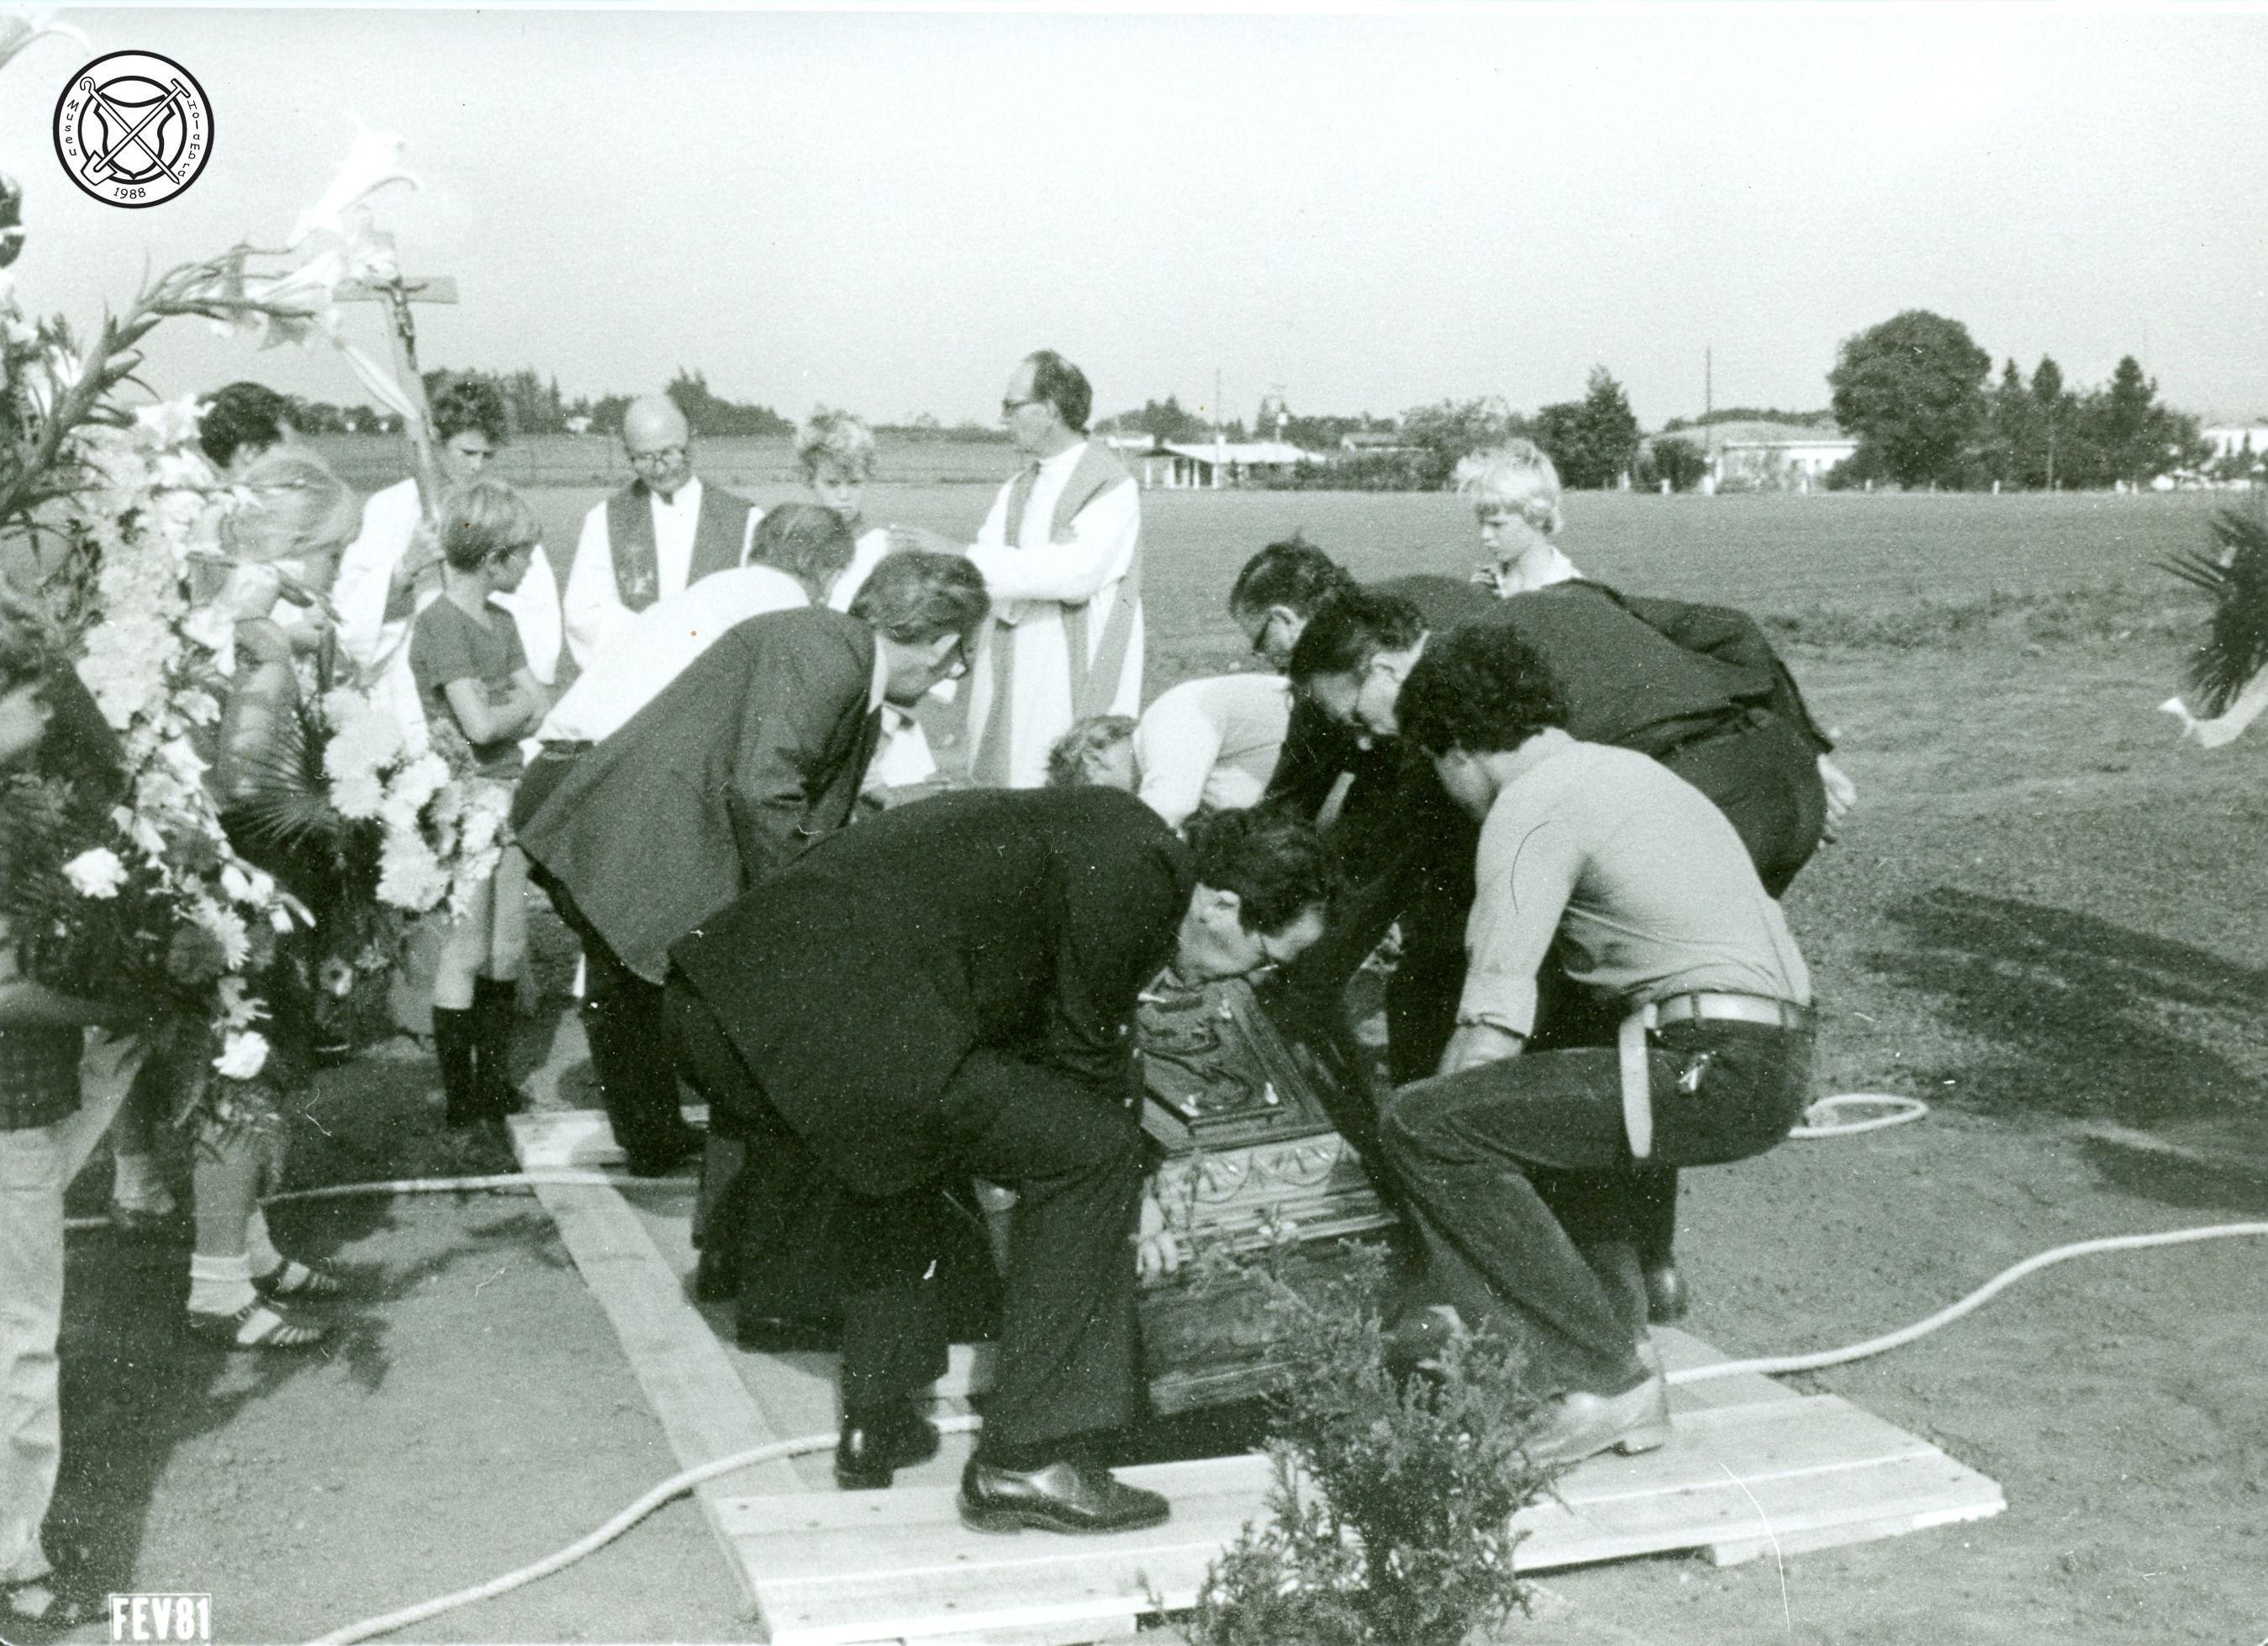 De eerste begrafenis op het kerkhof van mevrouw Hogenboom